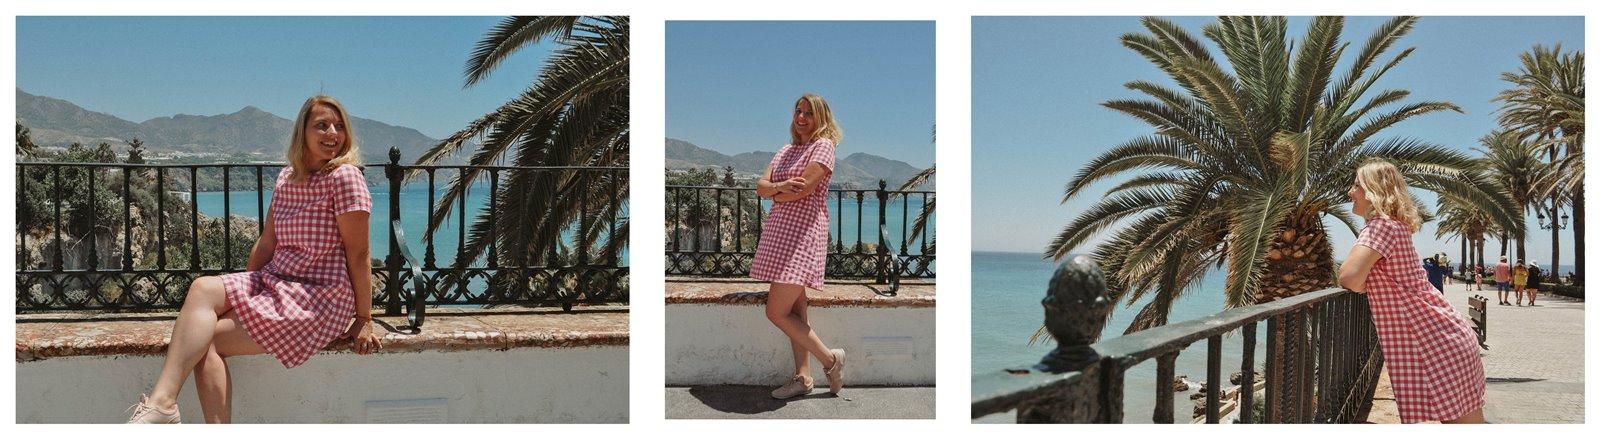 5a sukienka dziewczęca krata ubrania dla mam i córek krata różowa sukienka trapez 100% handmade polskie marki wspieram polskie nosze blog modowy melodylaniella fashion beauty style łódź nerja hiszpania zwiedzanie